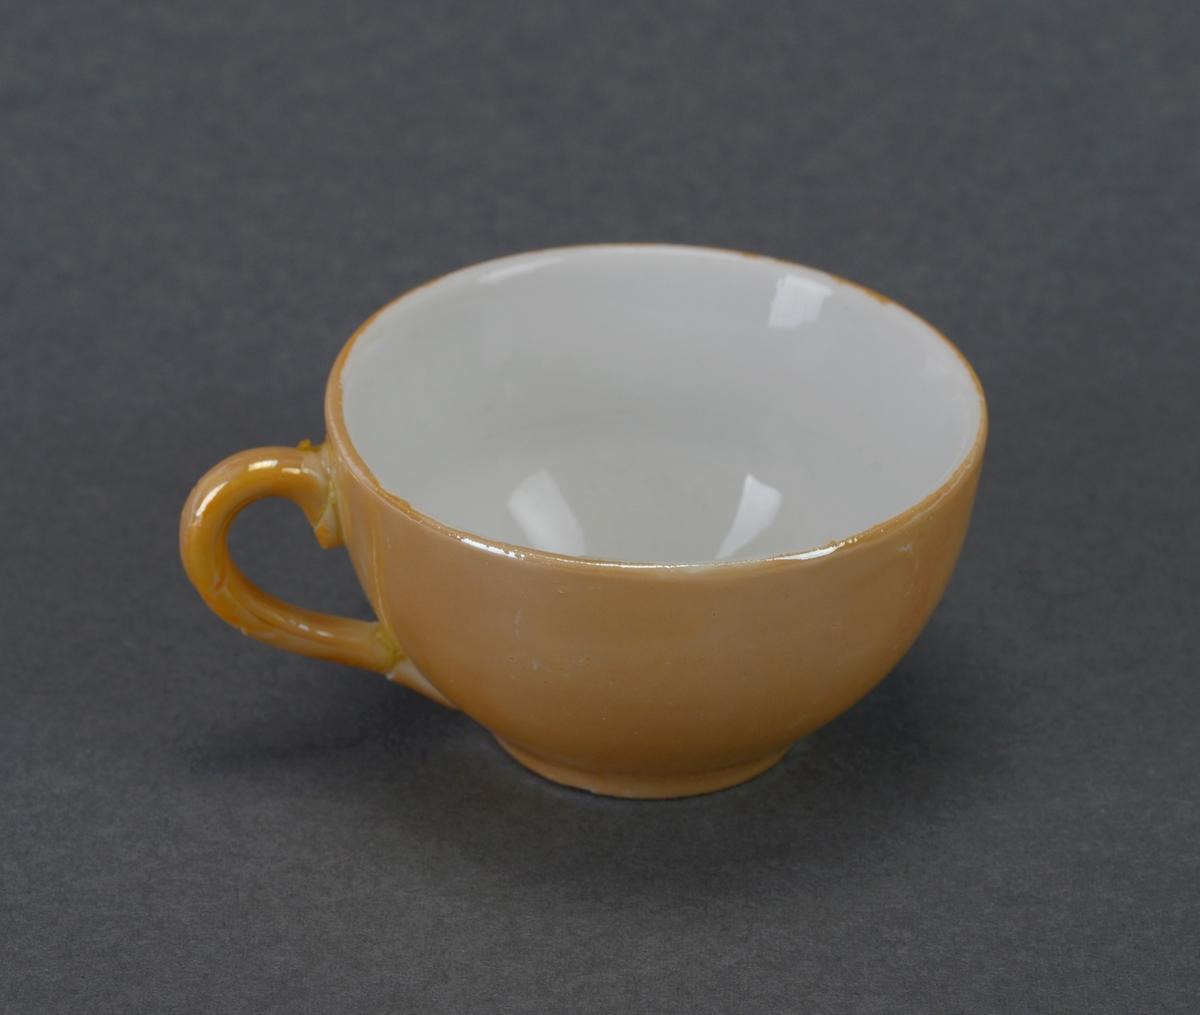 Et teservise for barn laget av keramikk. Gjenstandene er undernummerert 01-07. FTT.54459.01: En tekanne med løst lokk. Kannen er lav og bred. Tuten er svakt buet og hanken er firkantet i toppen mens den blir avrundet mot bunnen. Kannen er metallisk oransje på utsiden og hvit på innsiden. FTT.54459.02-03: To identiske tekopper som er metallisk oransje på utsiden og hvit på innsiden. Koppene er brede og har en buet hank i siden. Hanken på kopp FTT.54459.03 er limt. FTT.54459.04-05: To identiske tefat som er metallisk oransje på oversiden og hvit på undersiden. Det er en forsenkning i midten slik at koppene kan stå støtt. Kopp FTT.54459.04 er limt (to skår som er limt på igjen). FTT.54459.06: En mugge som er metallisk oransje på utsiden og hvit på innsiden. Den har en liten helletut og et lang hank på motsatt side. FTT.54459.07: en liten rund skål som er metallisk oransje inni og hvit på utsiden.